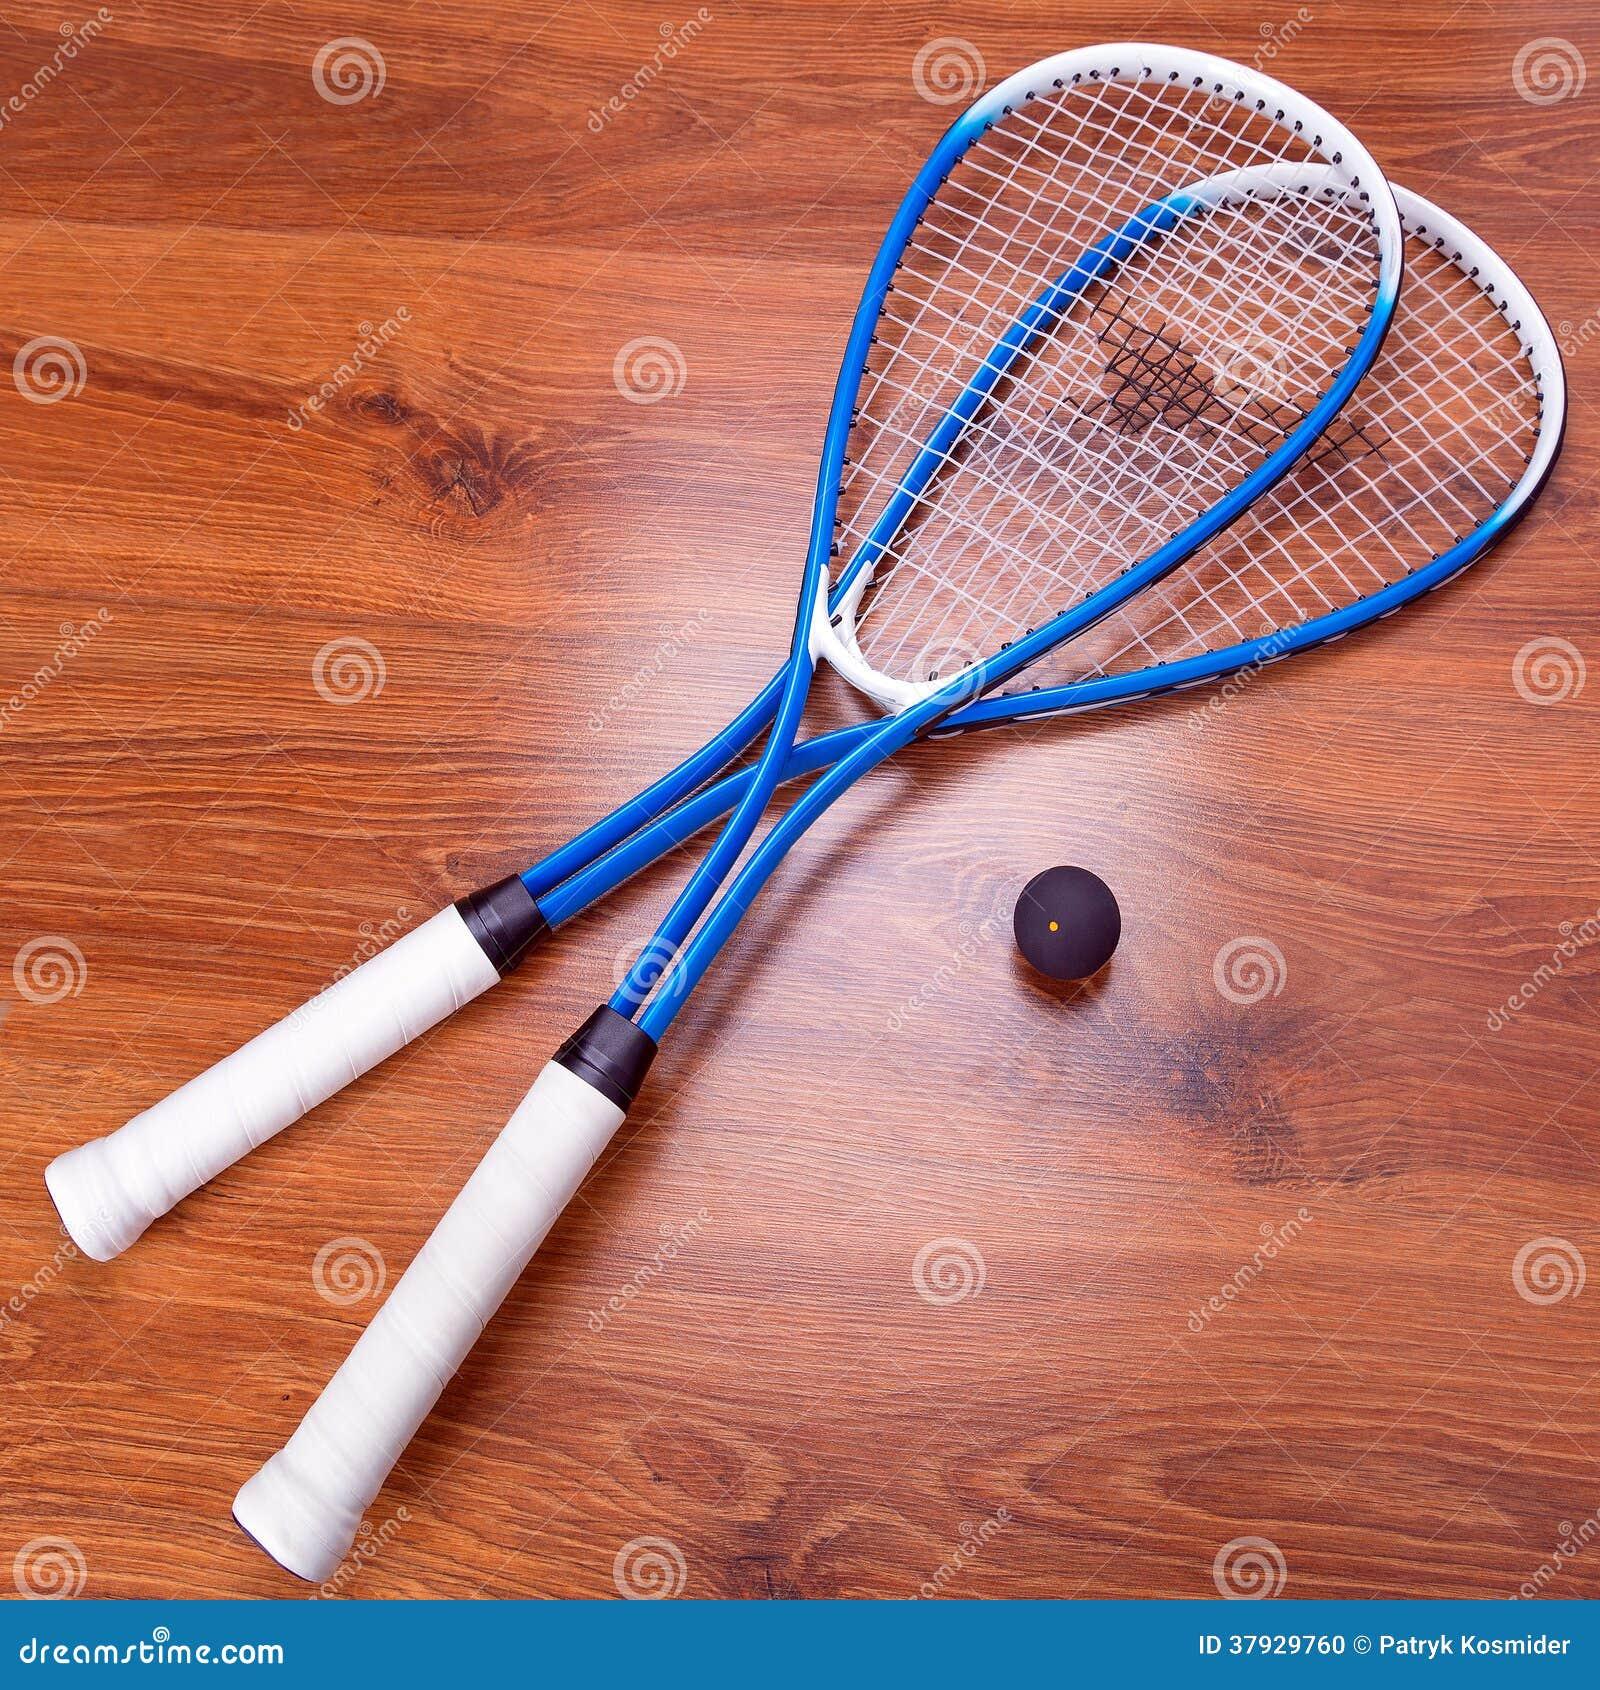 软式墙网球和球